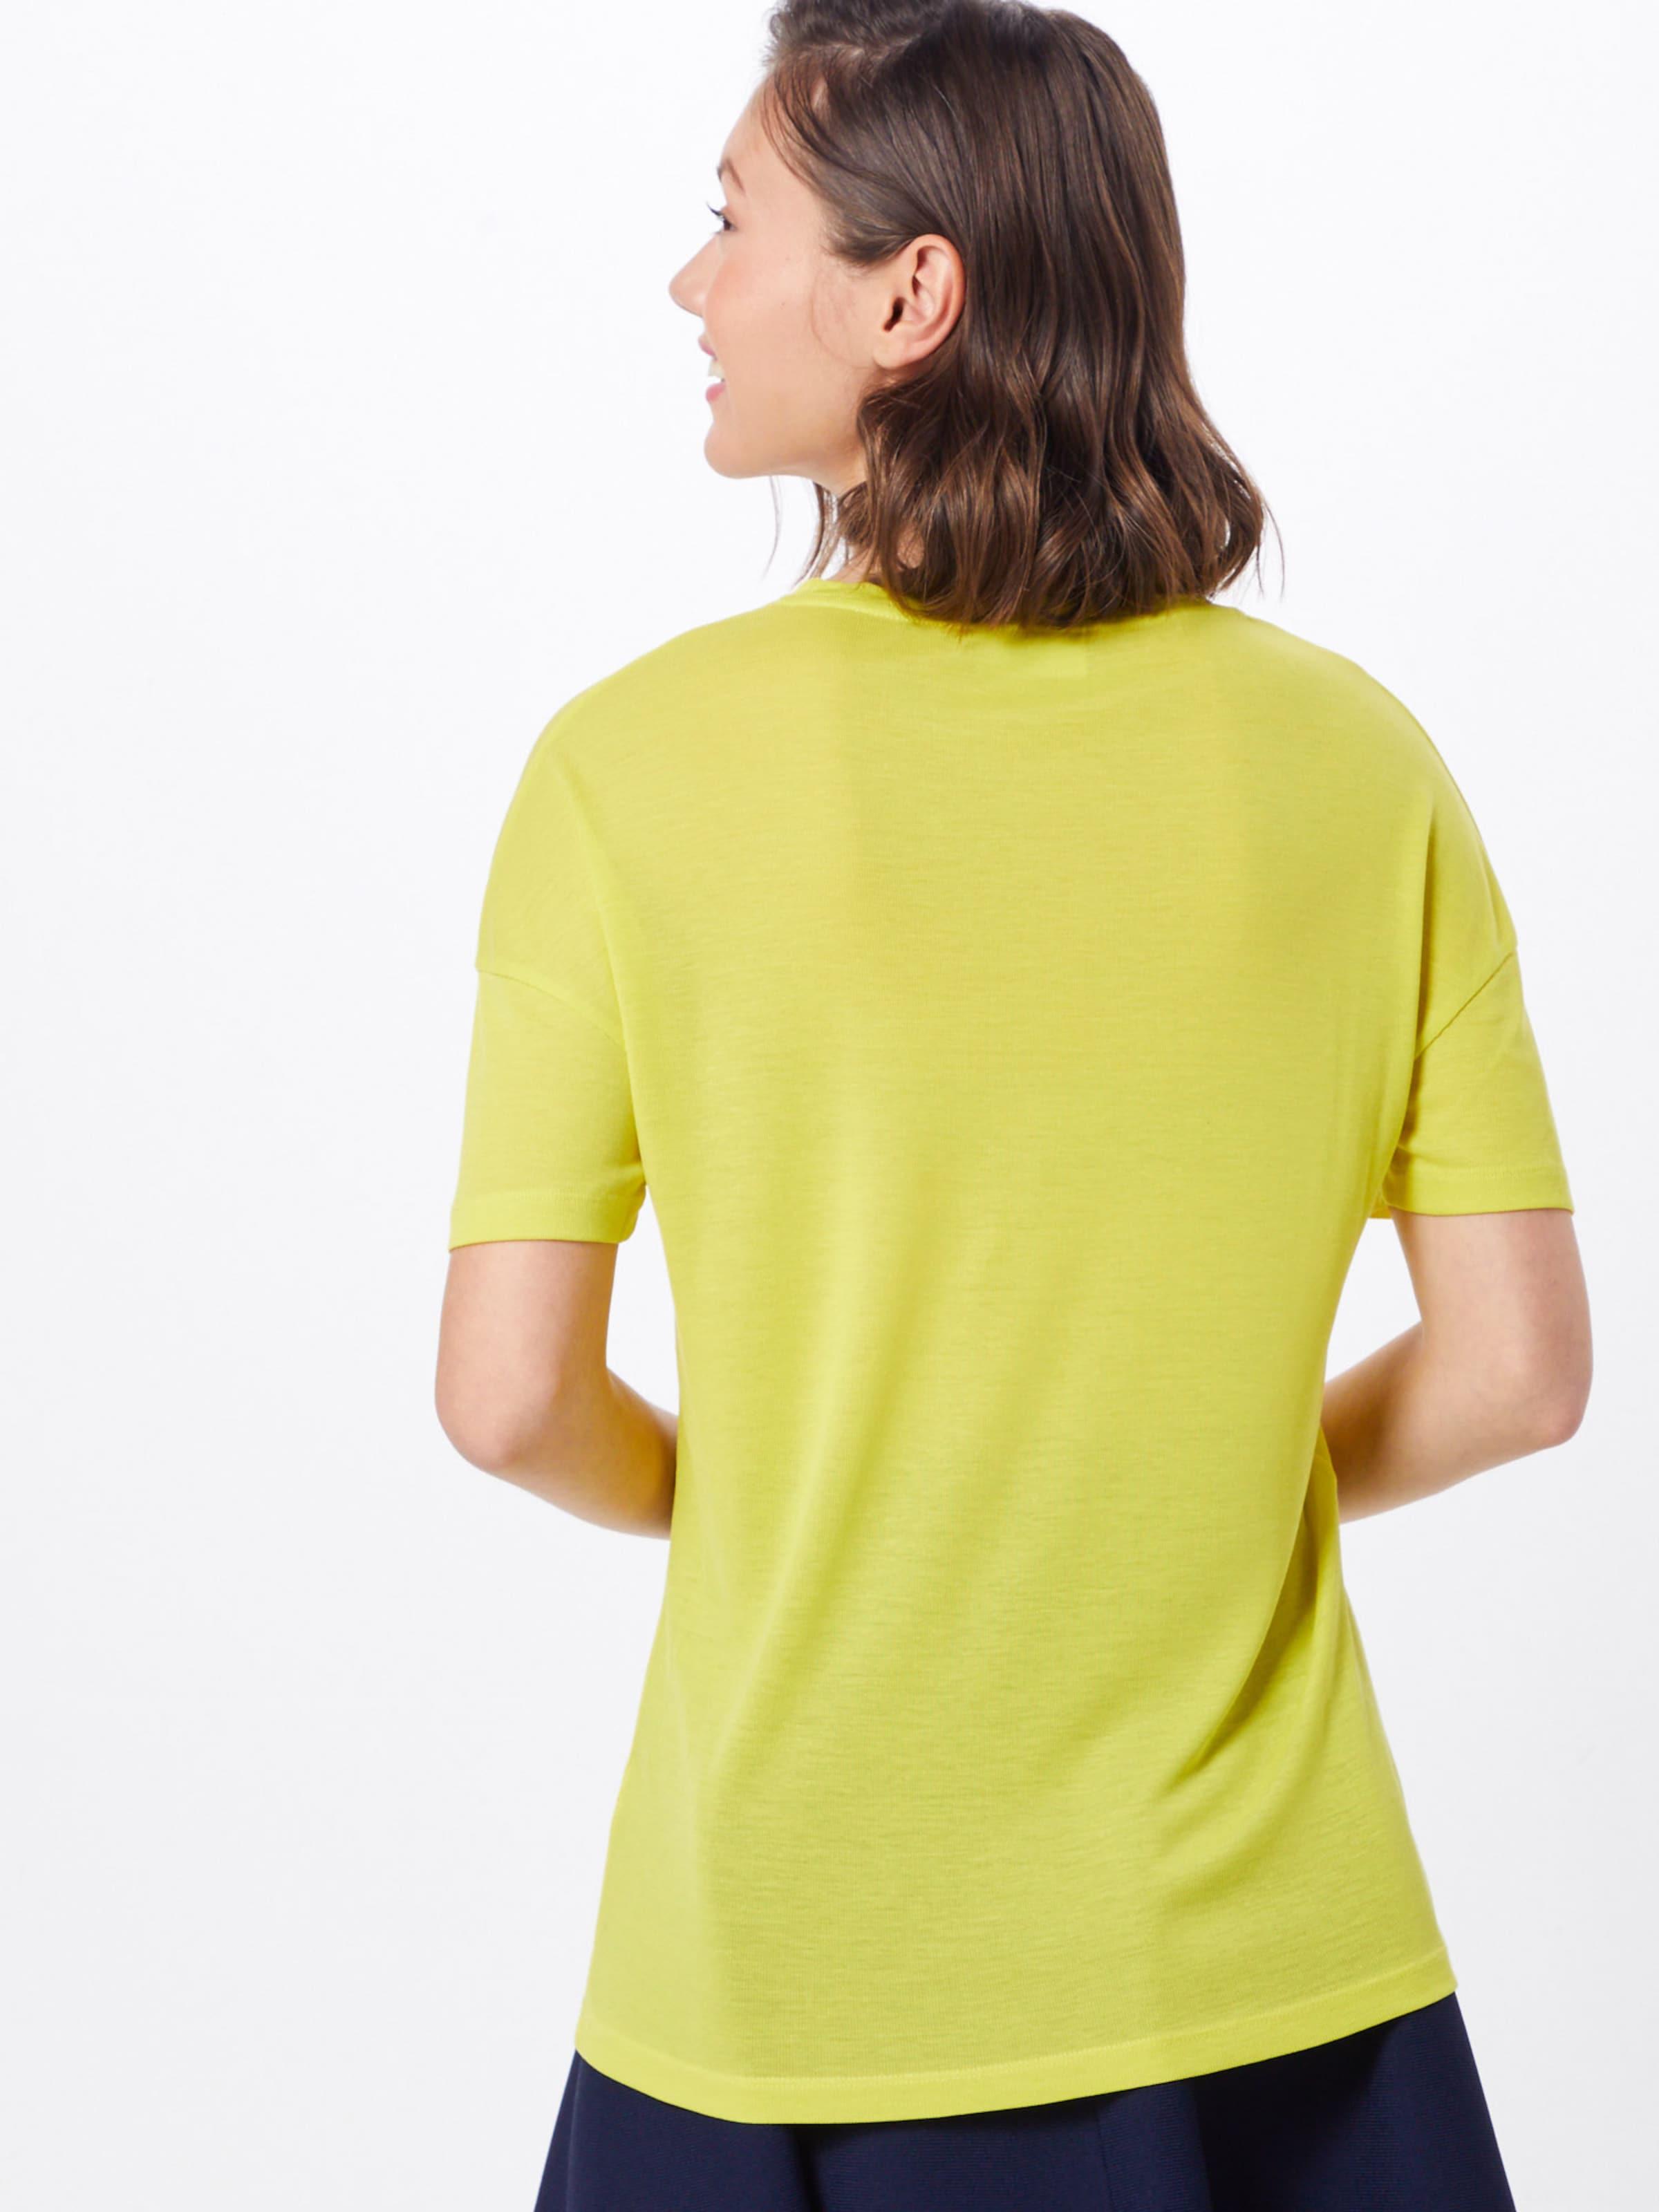 'tee shirt Jaune Lacoste T shirt' En wO0nP8k